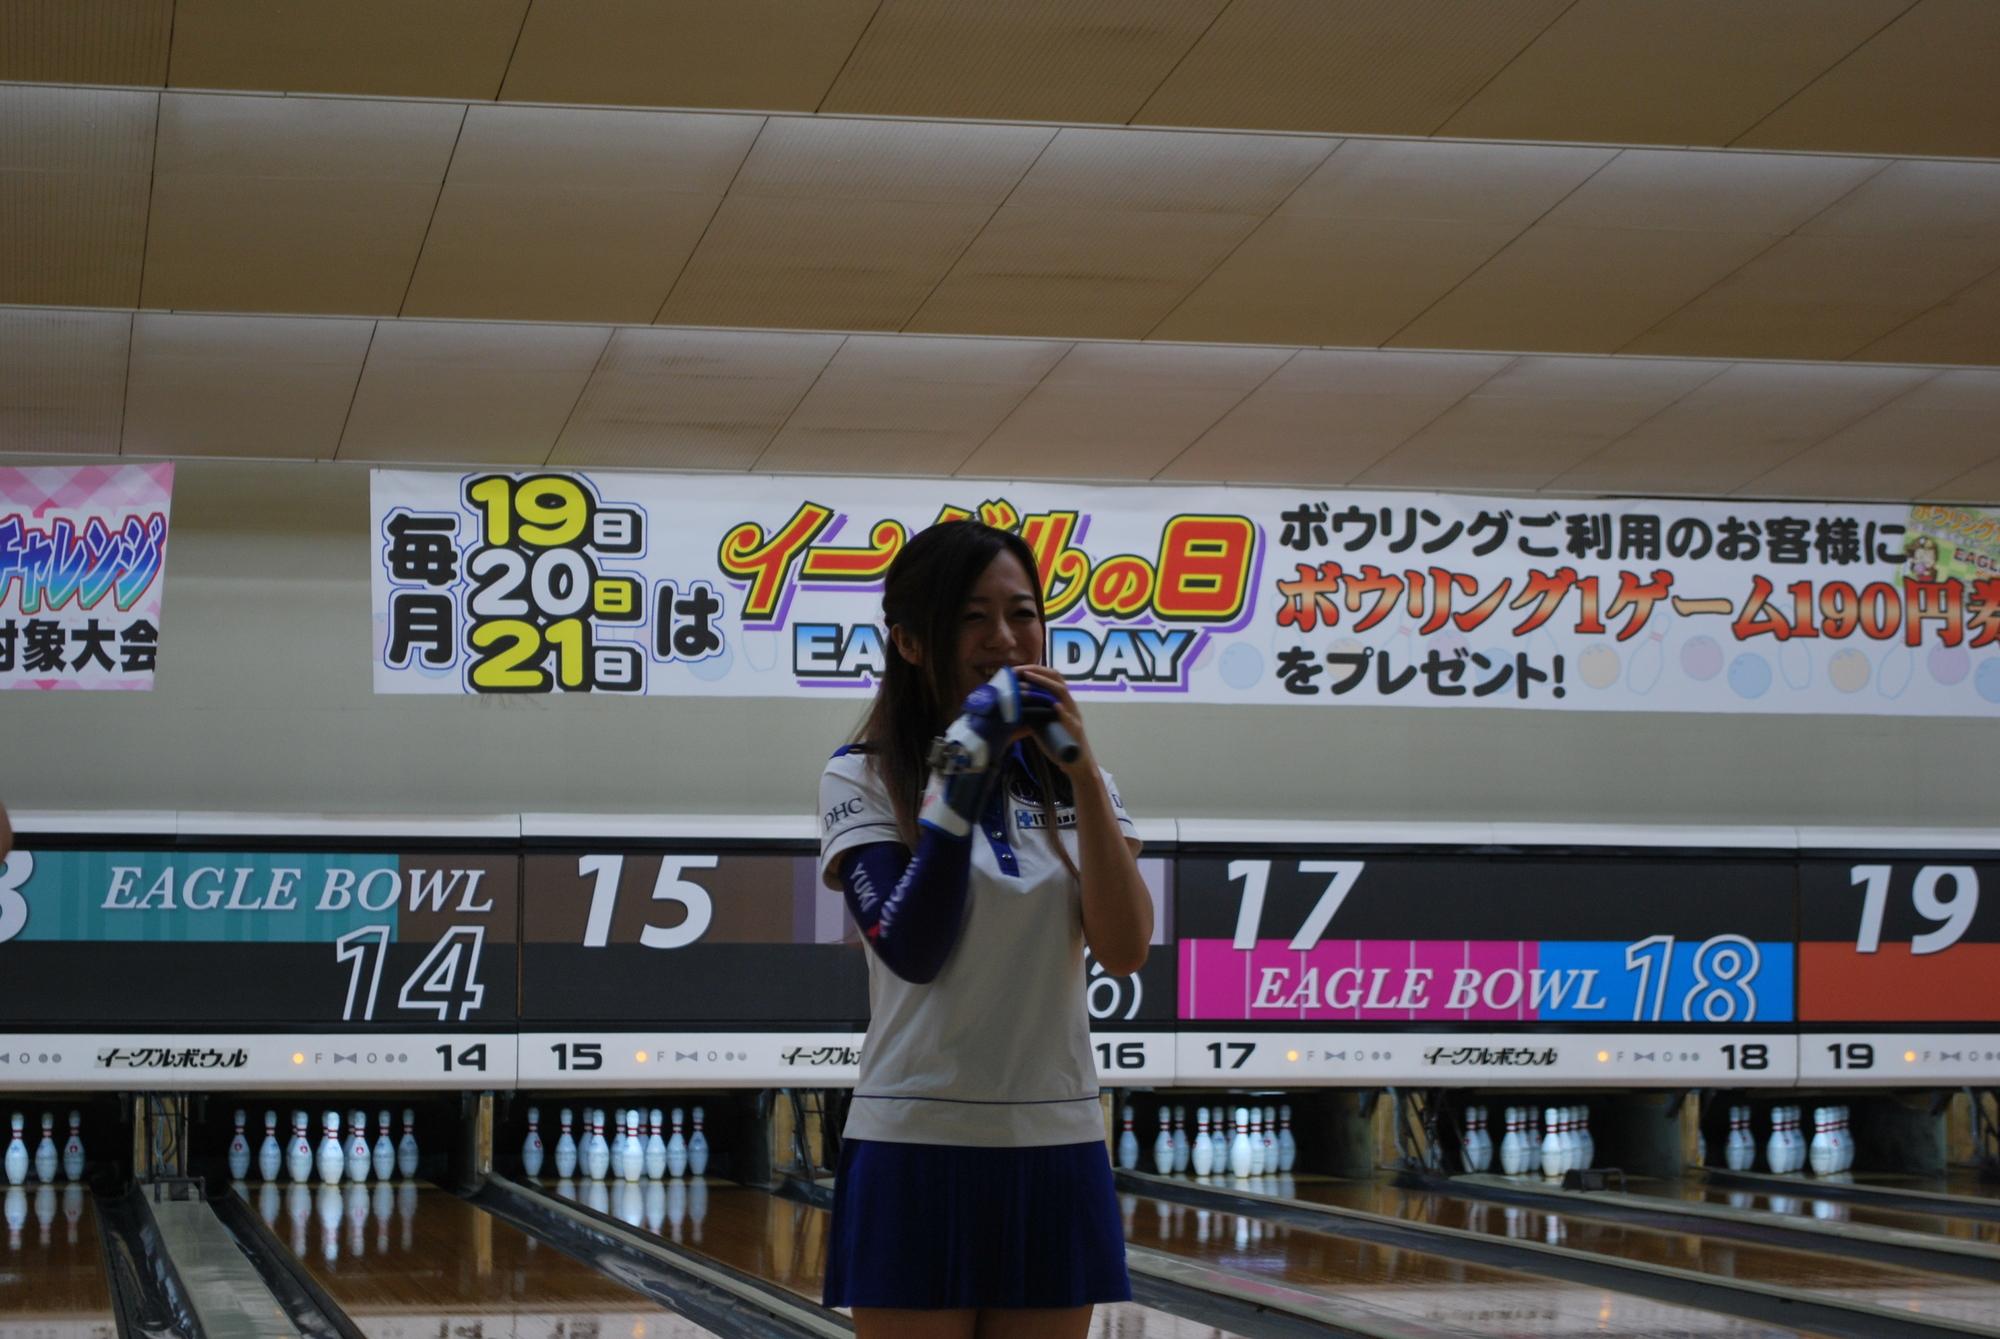 6/21 秋吉夕紀プロチャレンジ